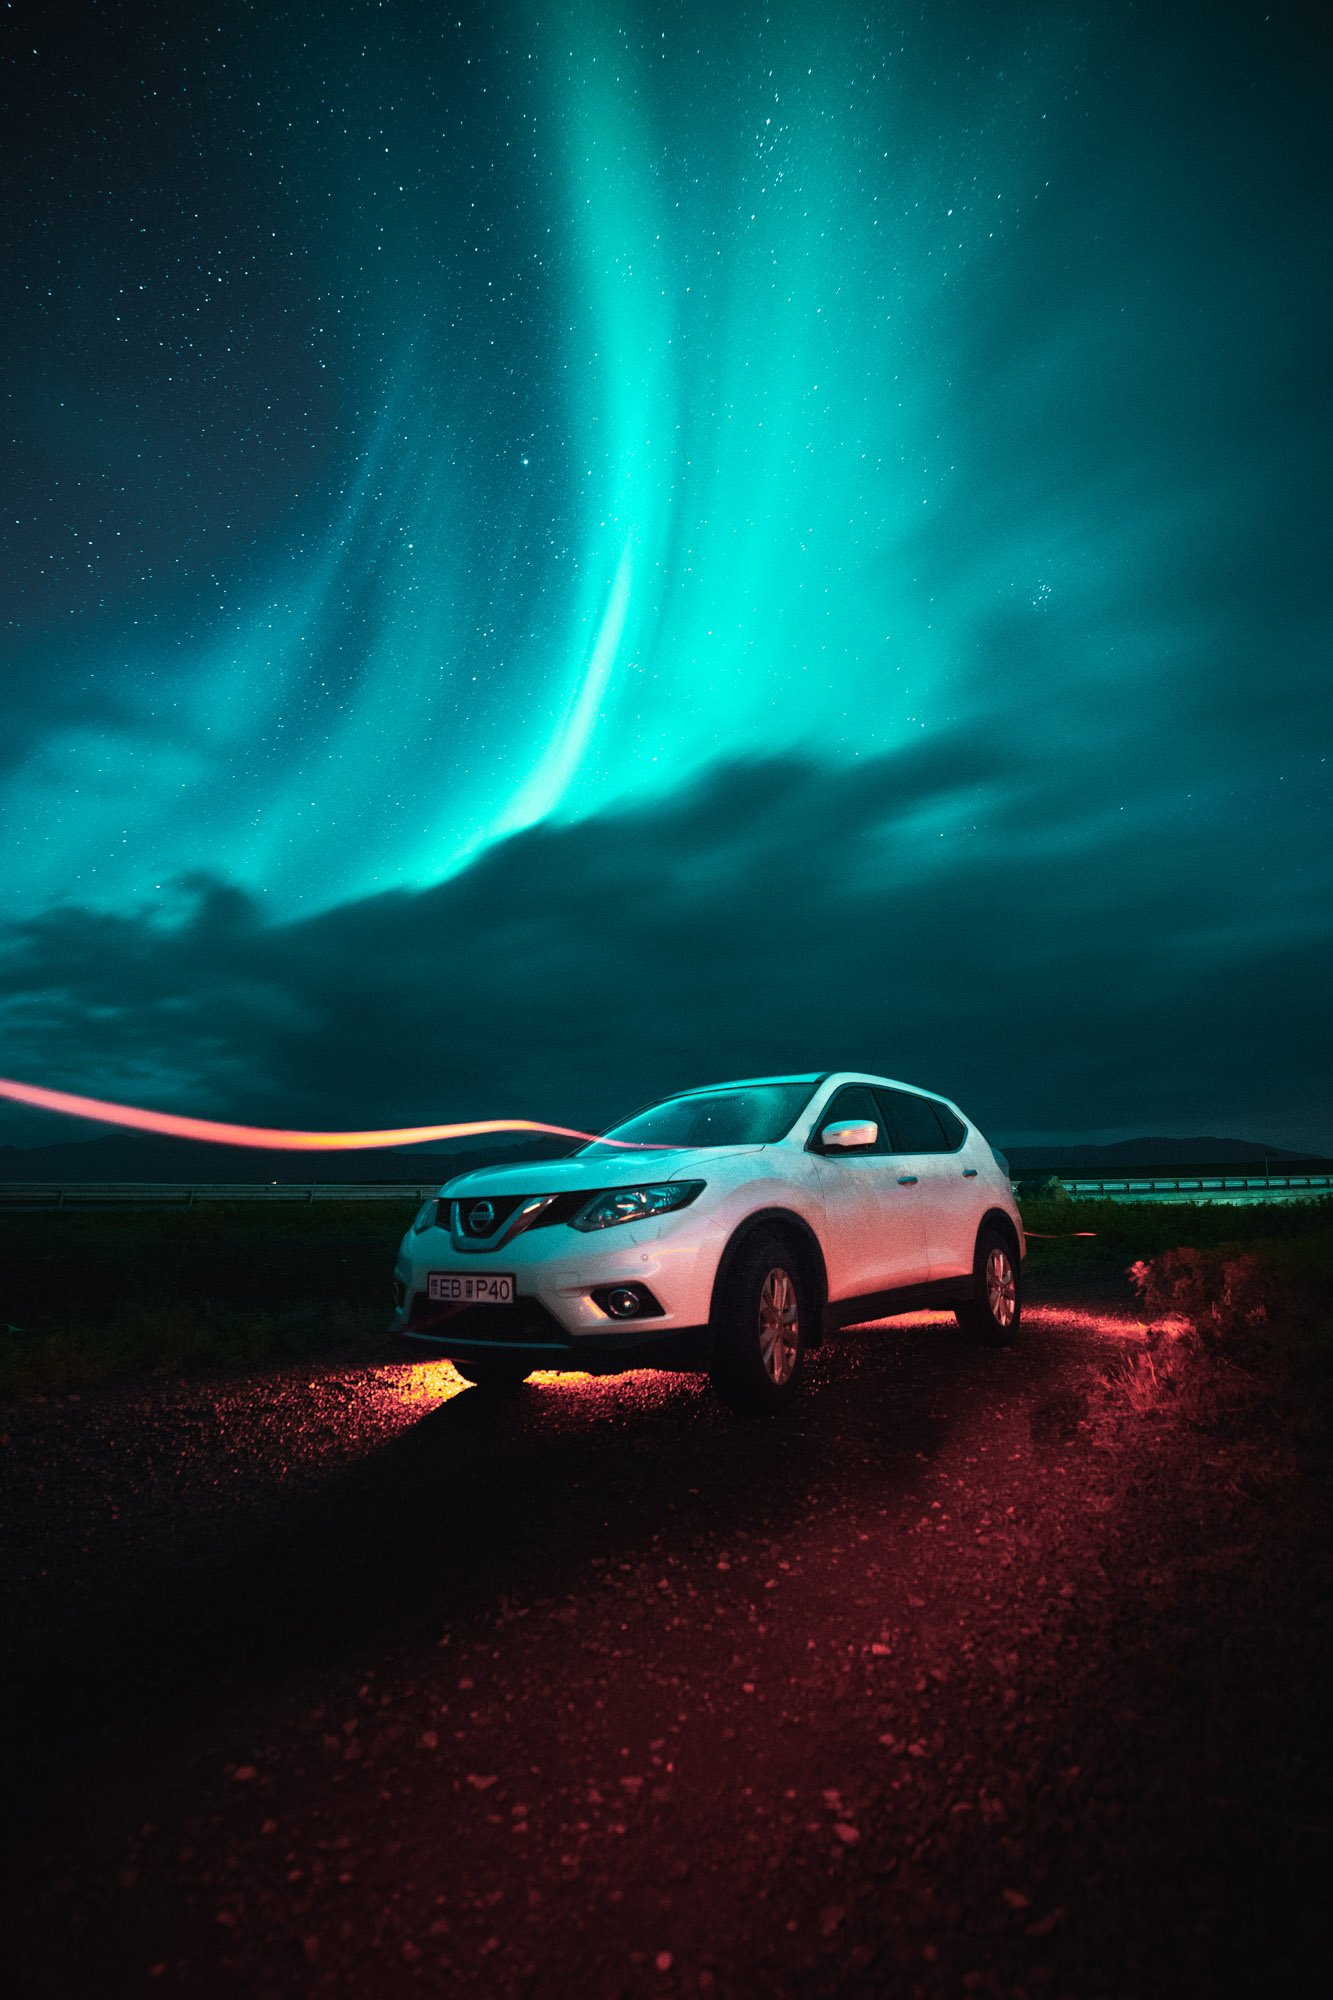 Nissan con Aurora Boreal de fondo en Islandia - Linzex